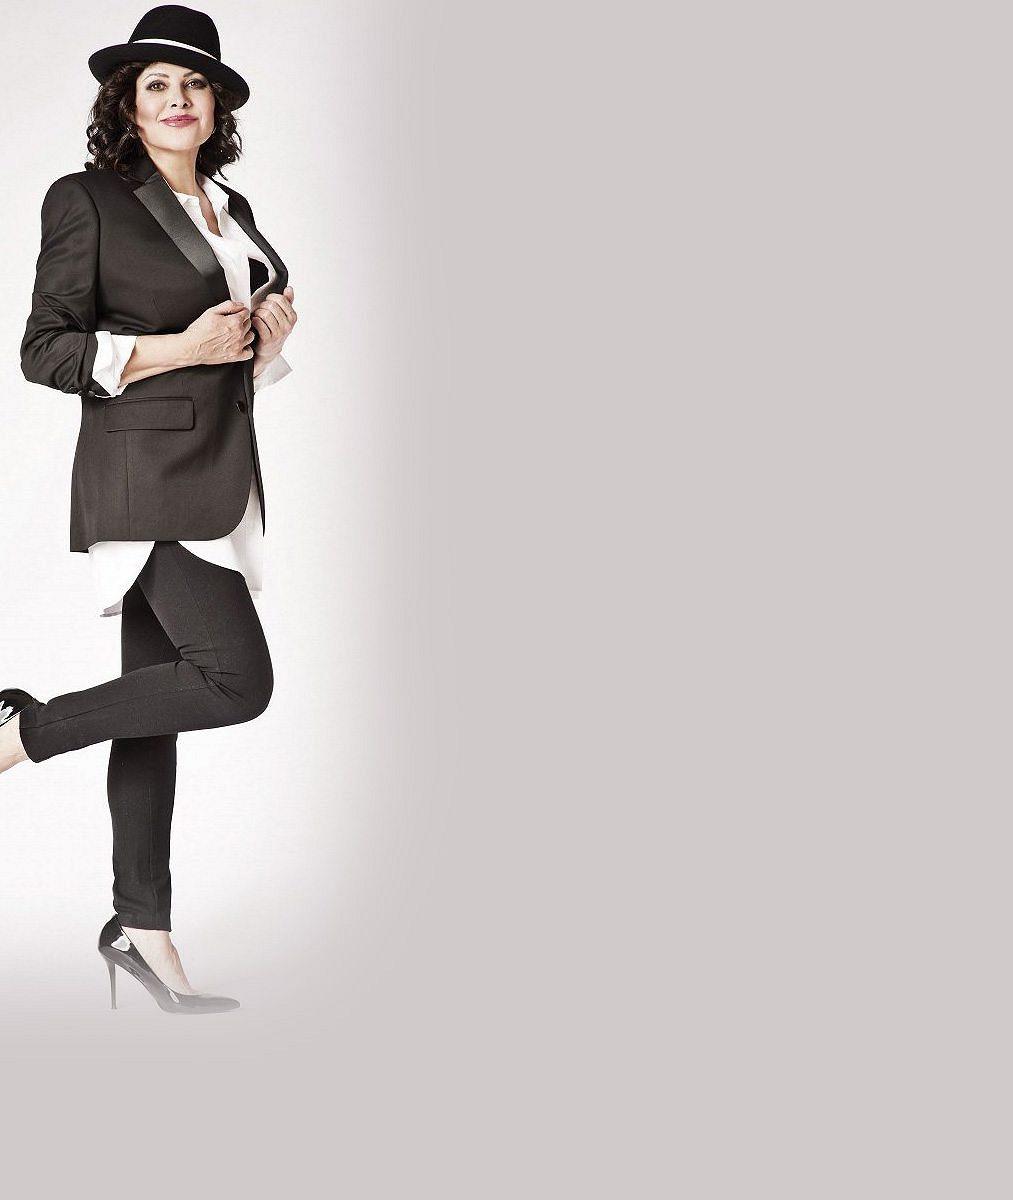 Ilona Csáková si plesovou sezónu užívá hlavně pracovně: Doprovází ji dvoumetrový manžel